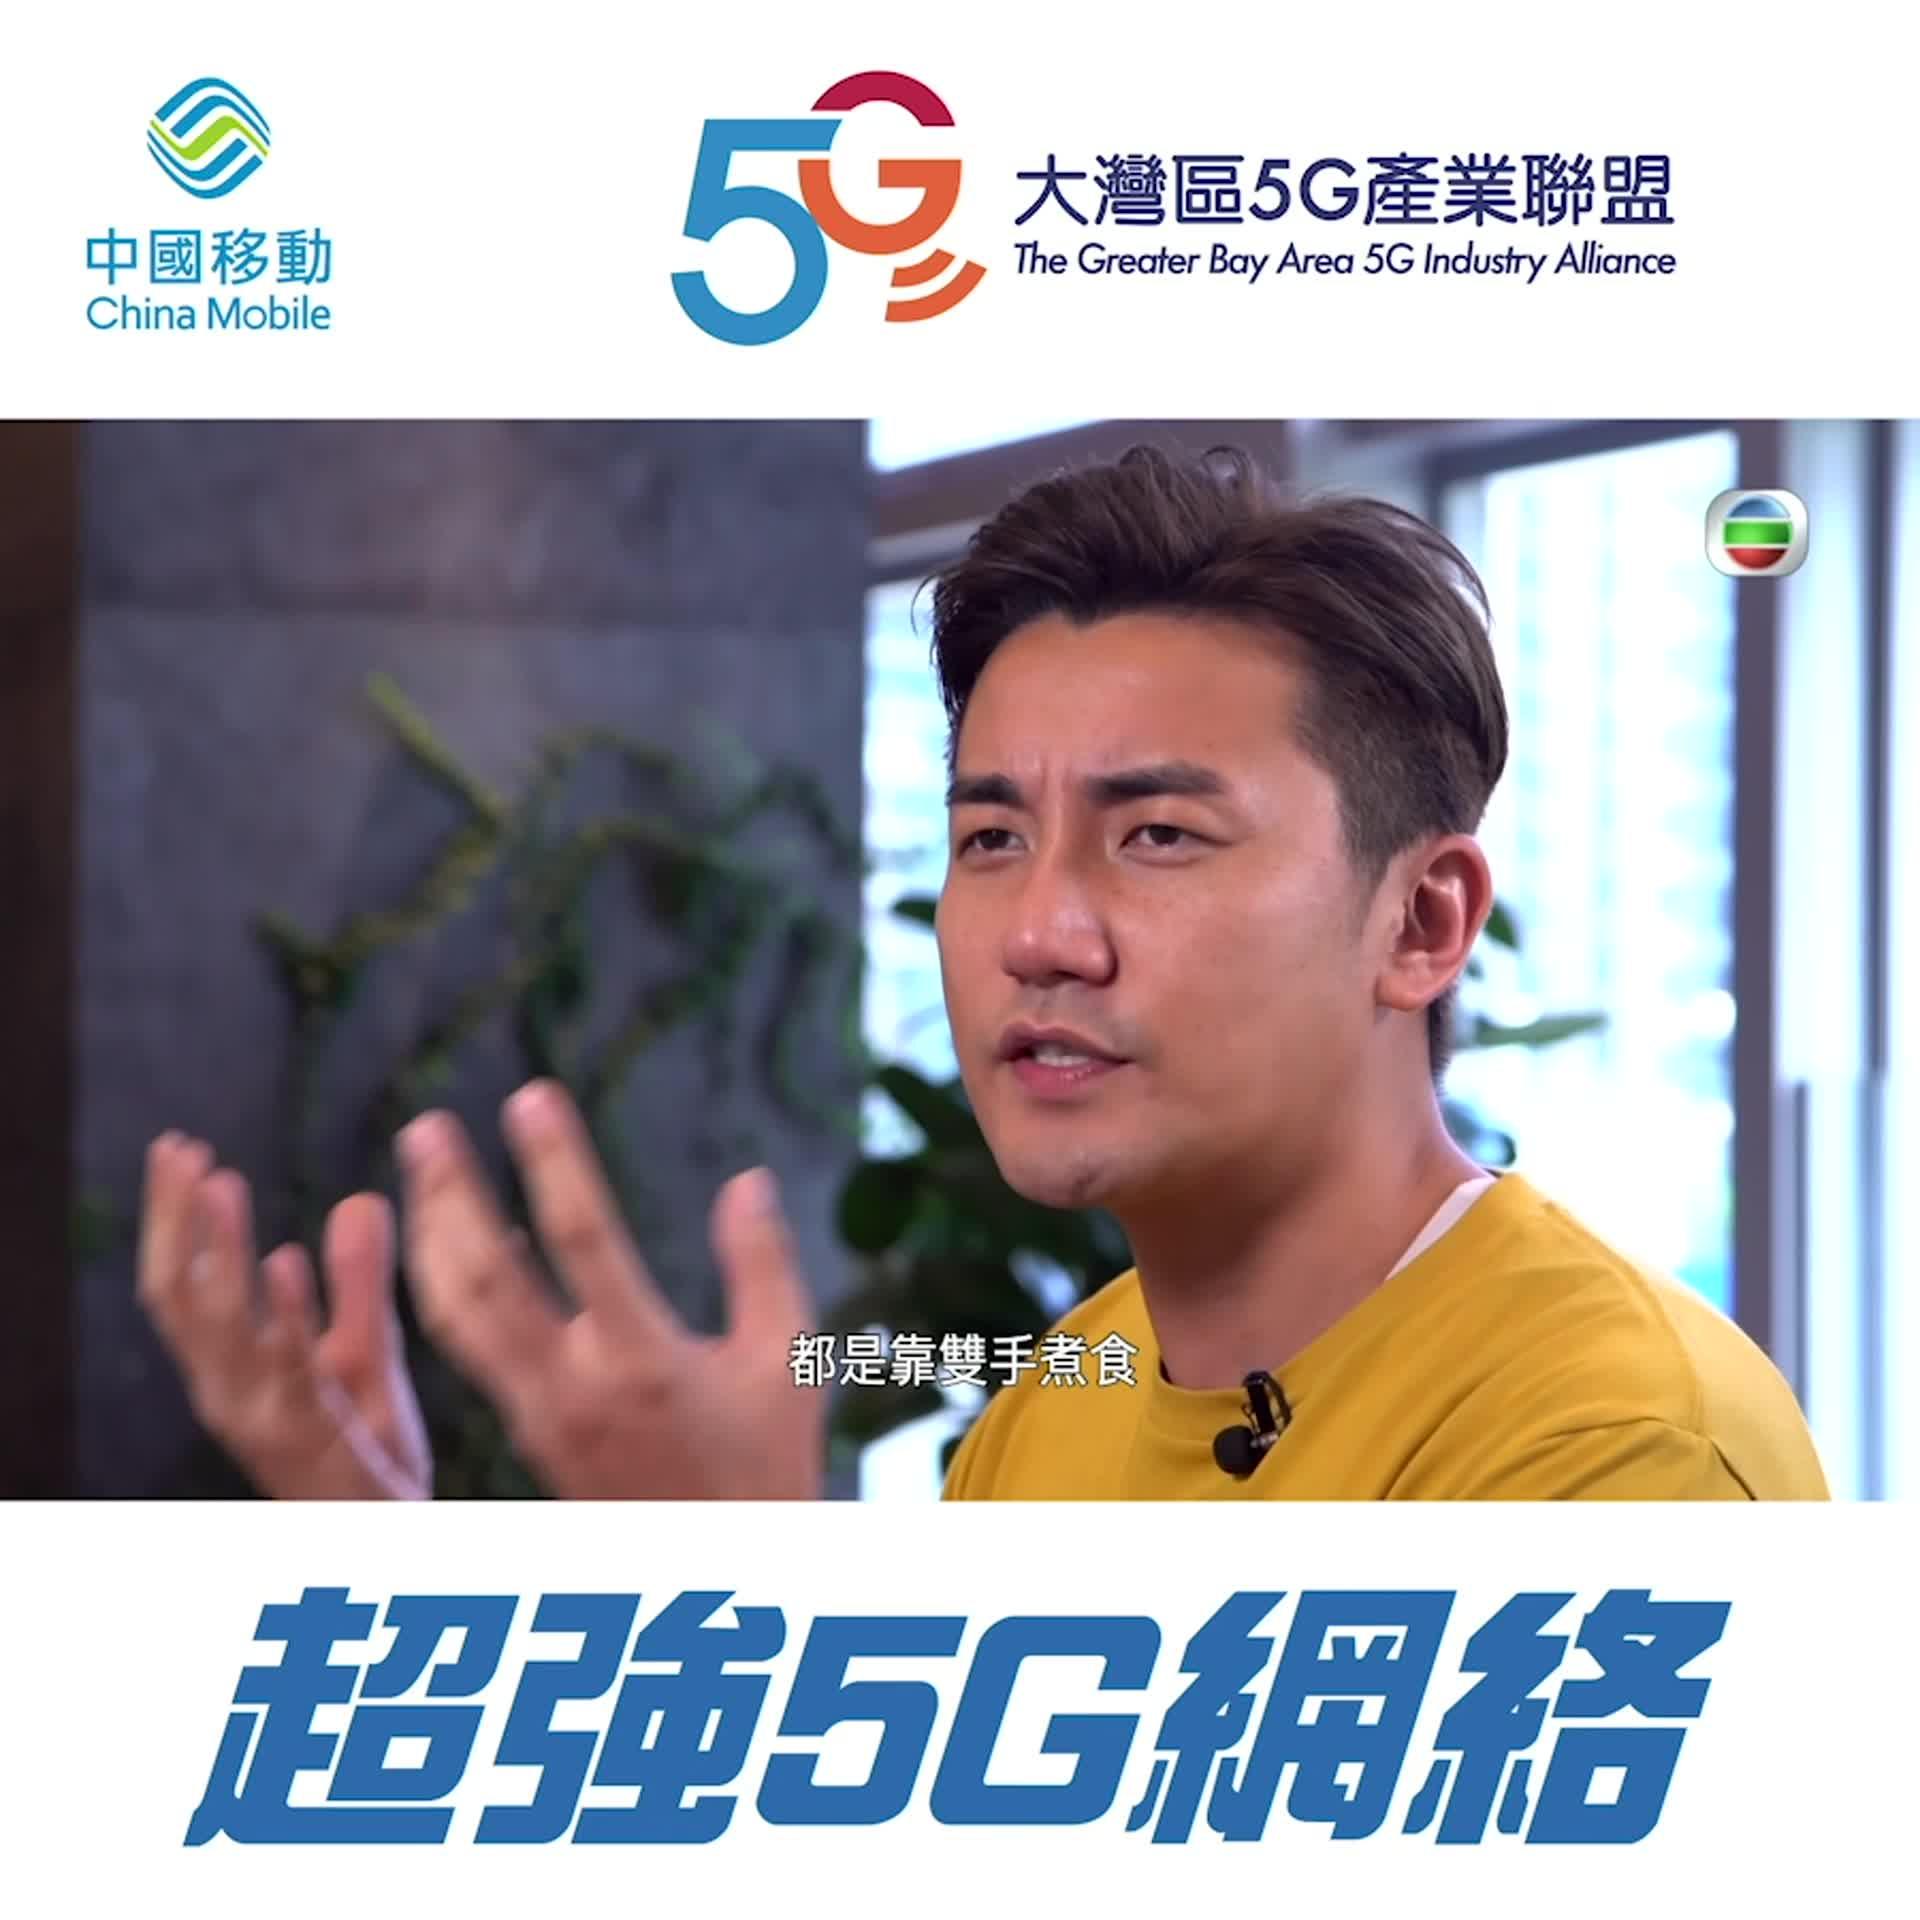 【5G改寫我們的故事】機械人一手包辦 煮食送餐上樓送外賣